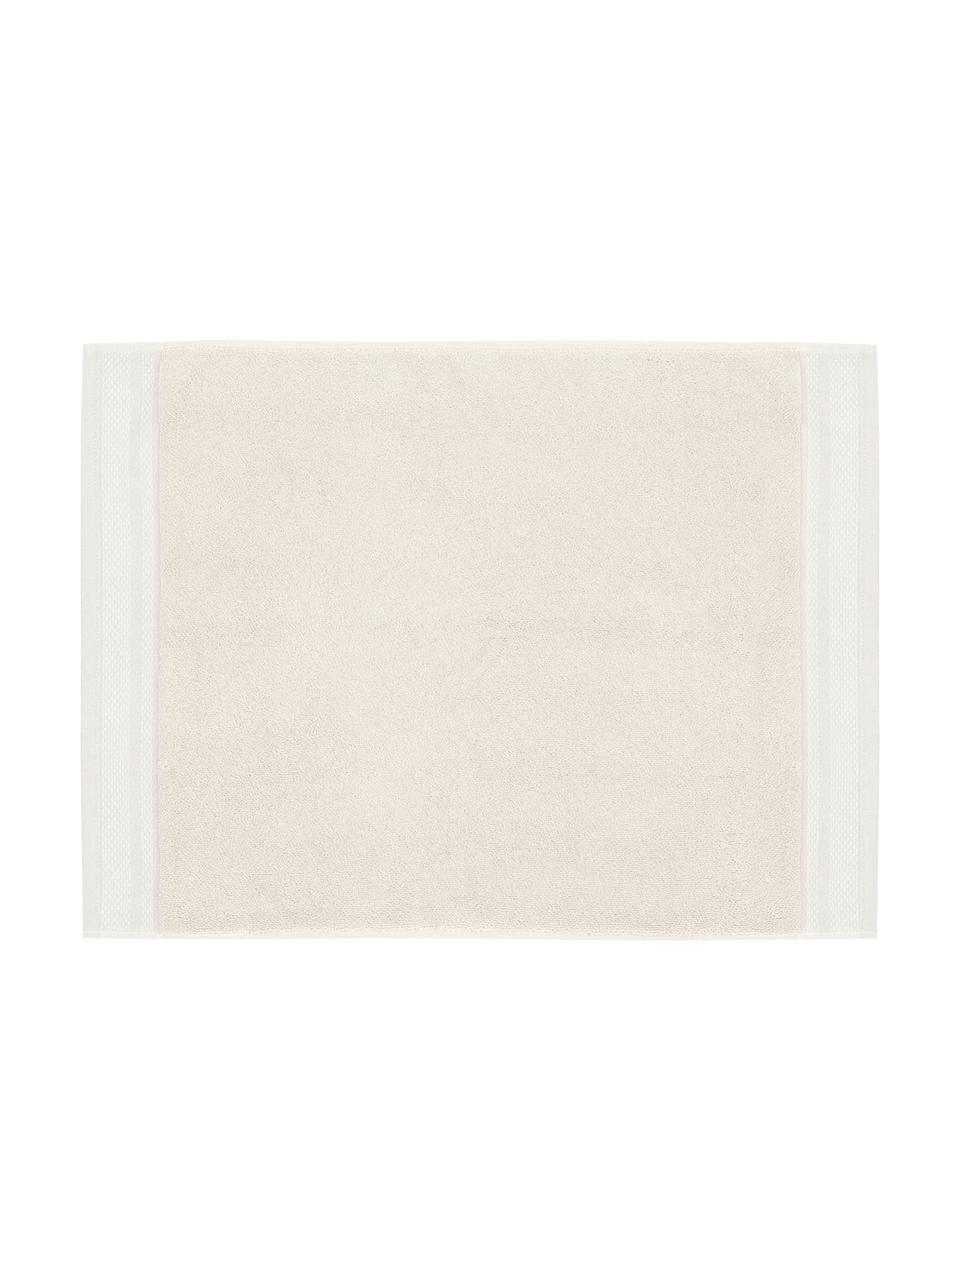 Dywanik łazienkowy antypoślizgowy Premium, Beżowy, S 50 x D 70 cm